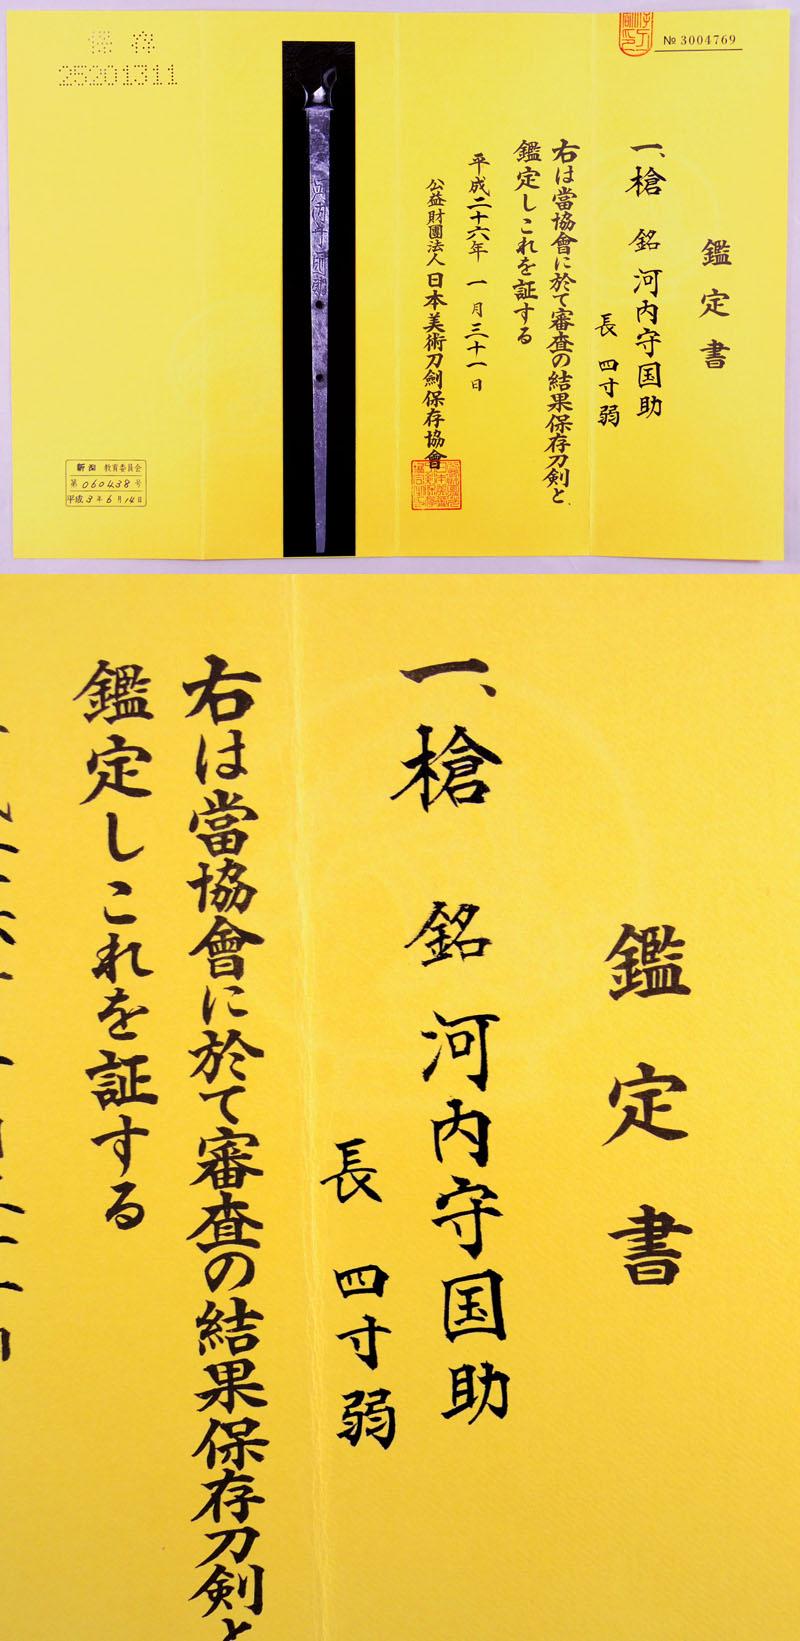 河内守国助(2代) Picture of Certificate